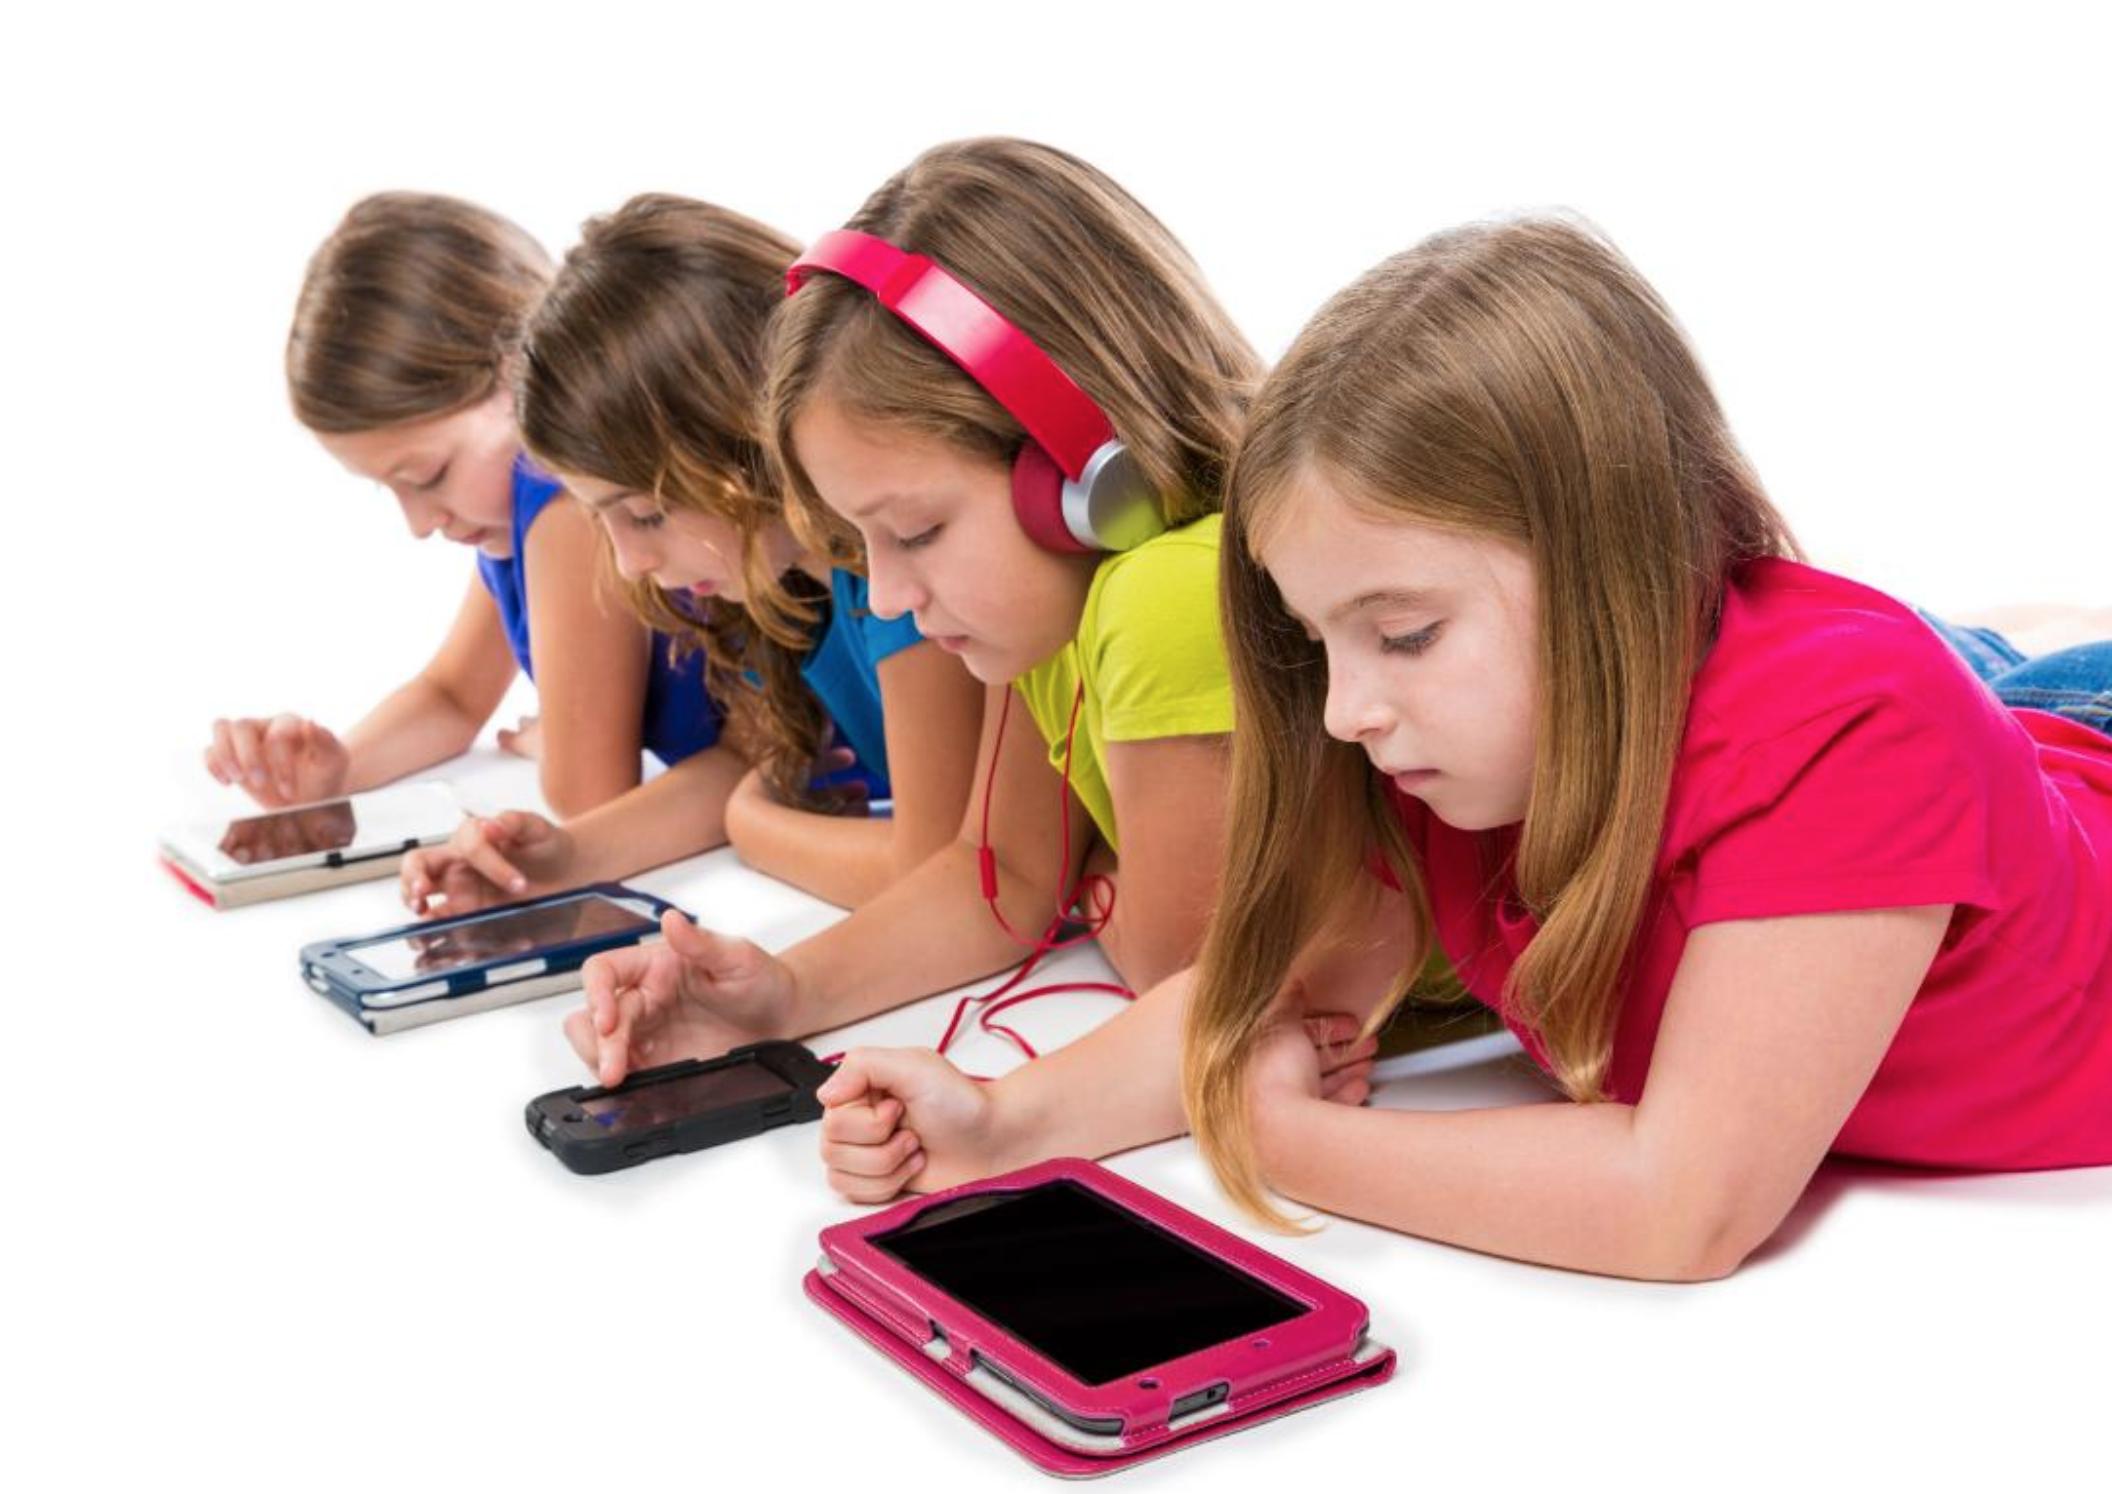 """Các phần mềm học tiếng anh cho trẻ em hiện nay đã trở thành một công cụ """"hỗ trợ đắc lực"""" cho quá trình học tiếng anh của trẻ em"""